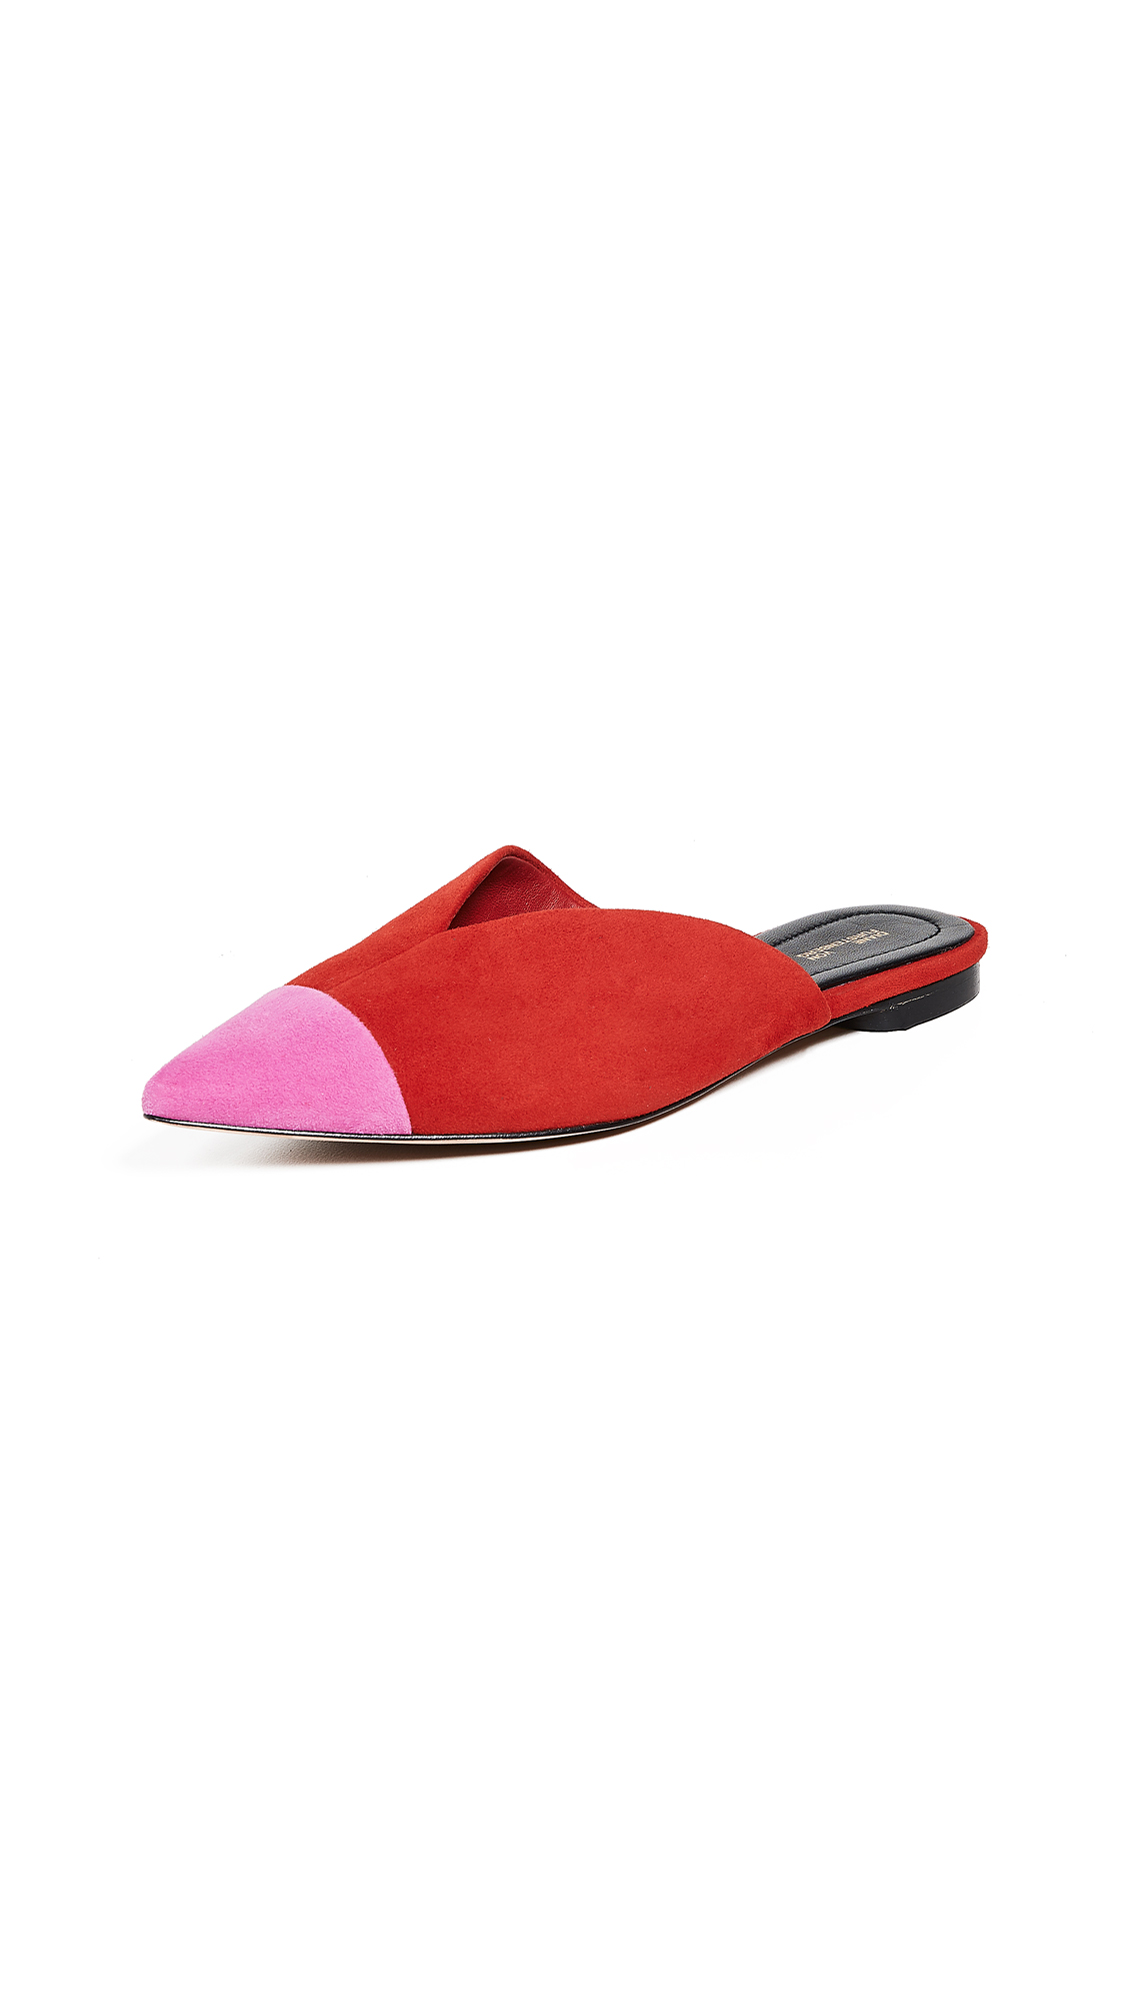 Diane von Furstenberg Love Mules - Fuchsia/Red